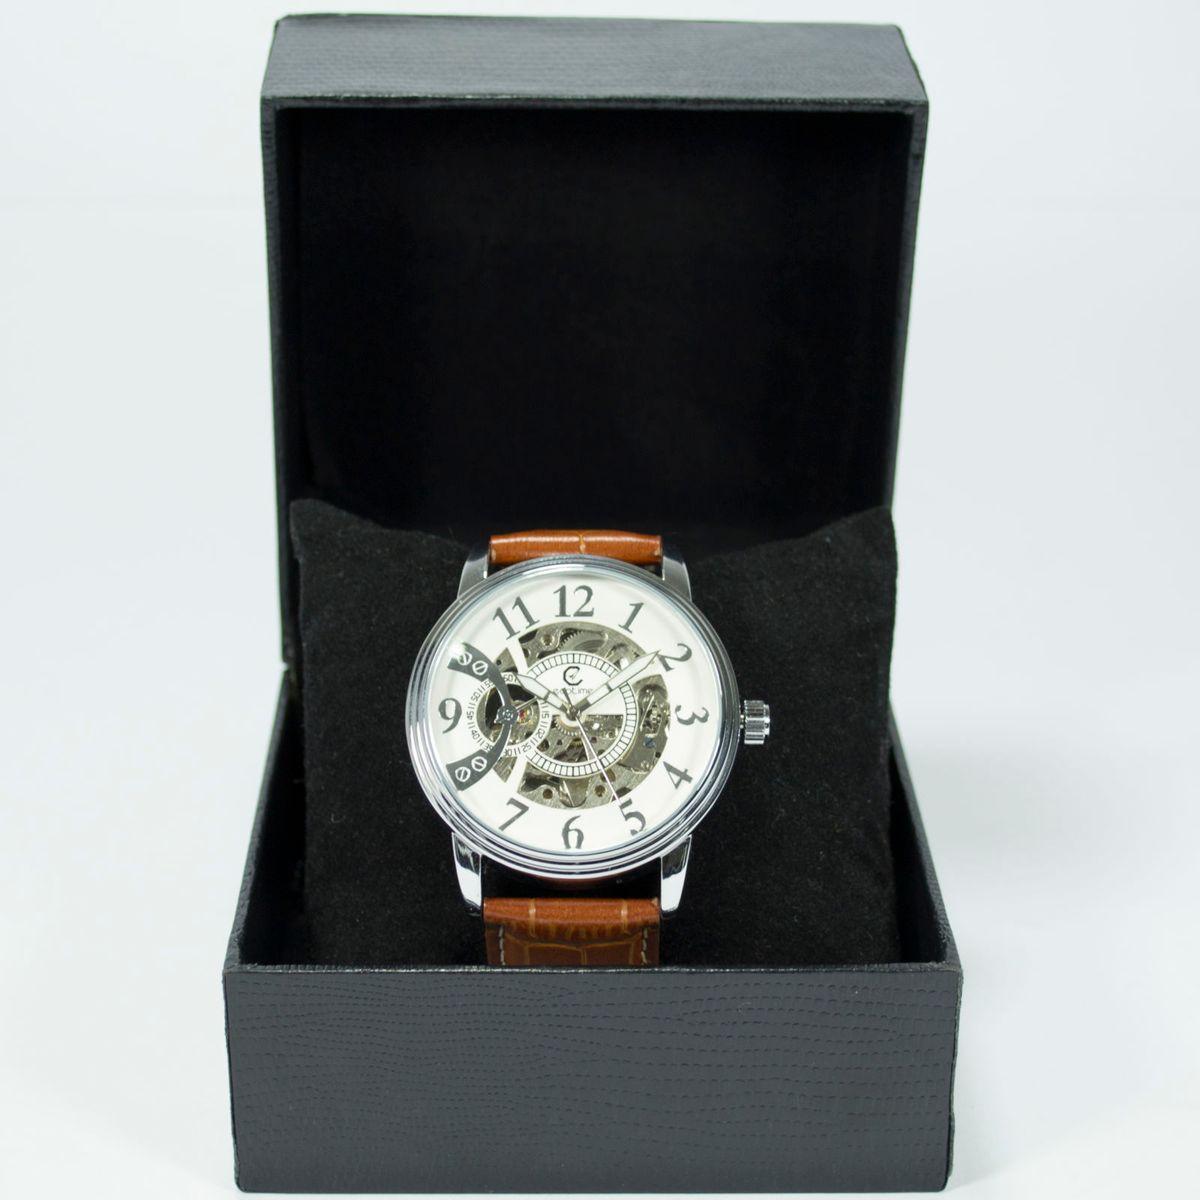 44e530520c3 Relógio Automatico Original Ecotime - Modelo Clássico em Couro ...